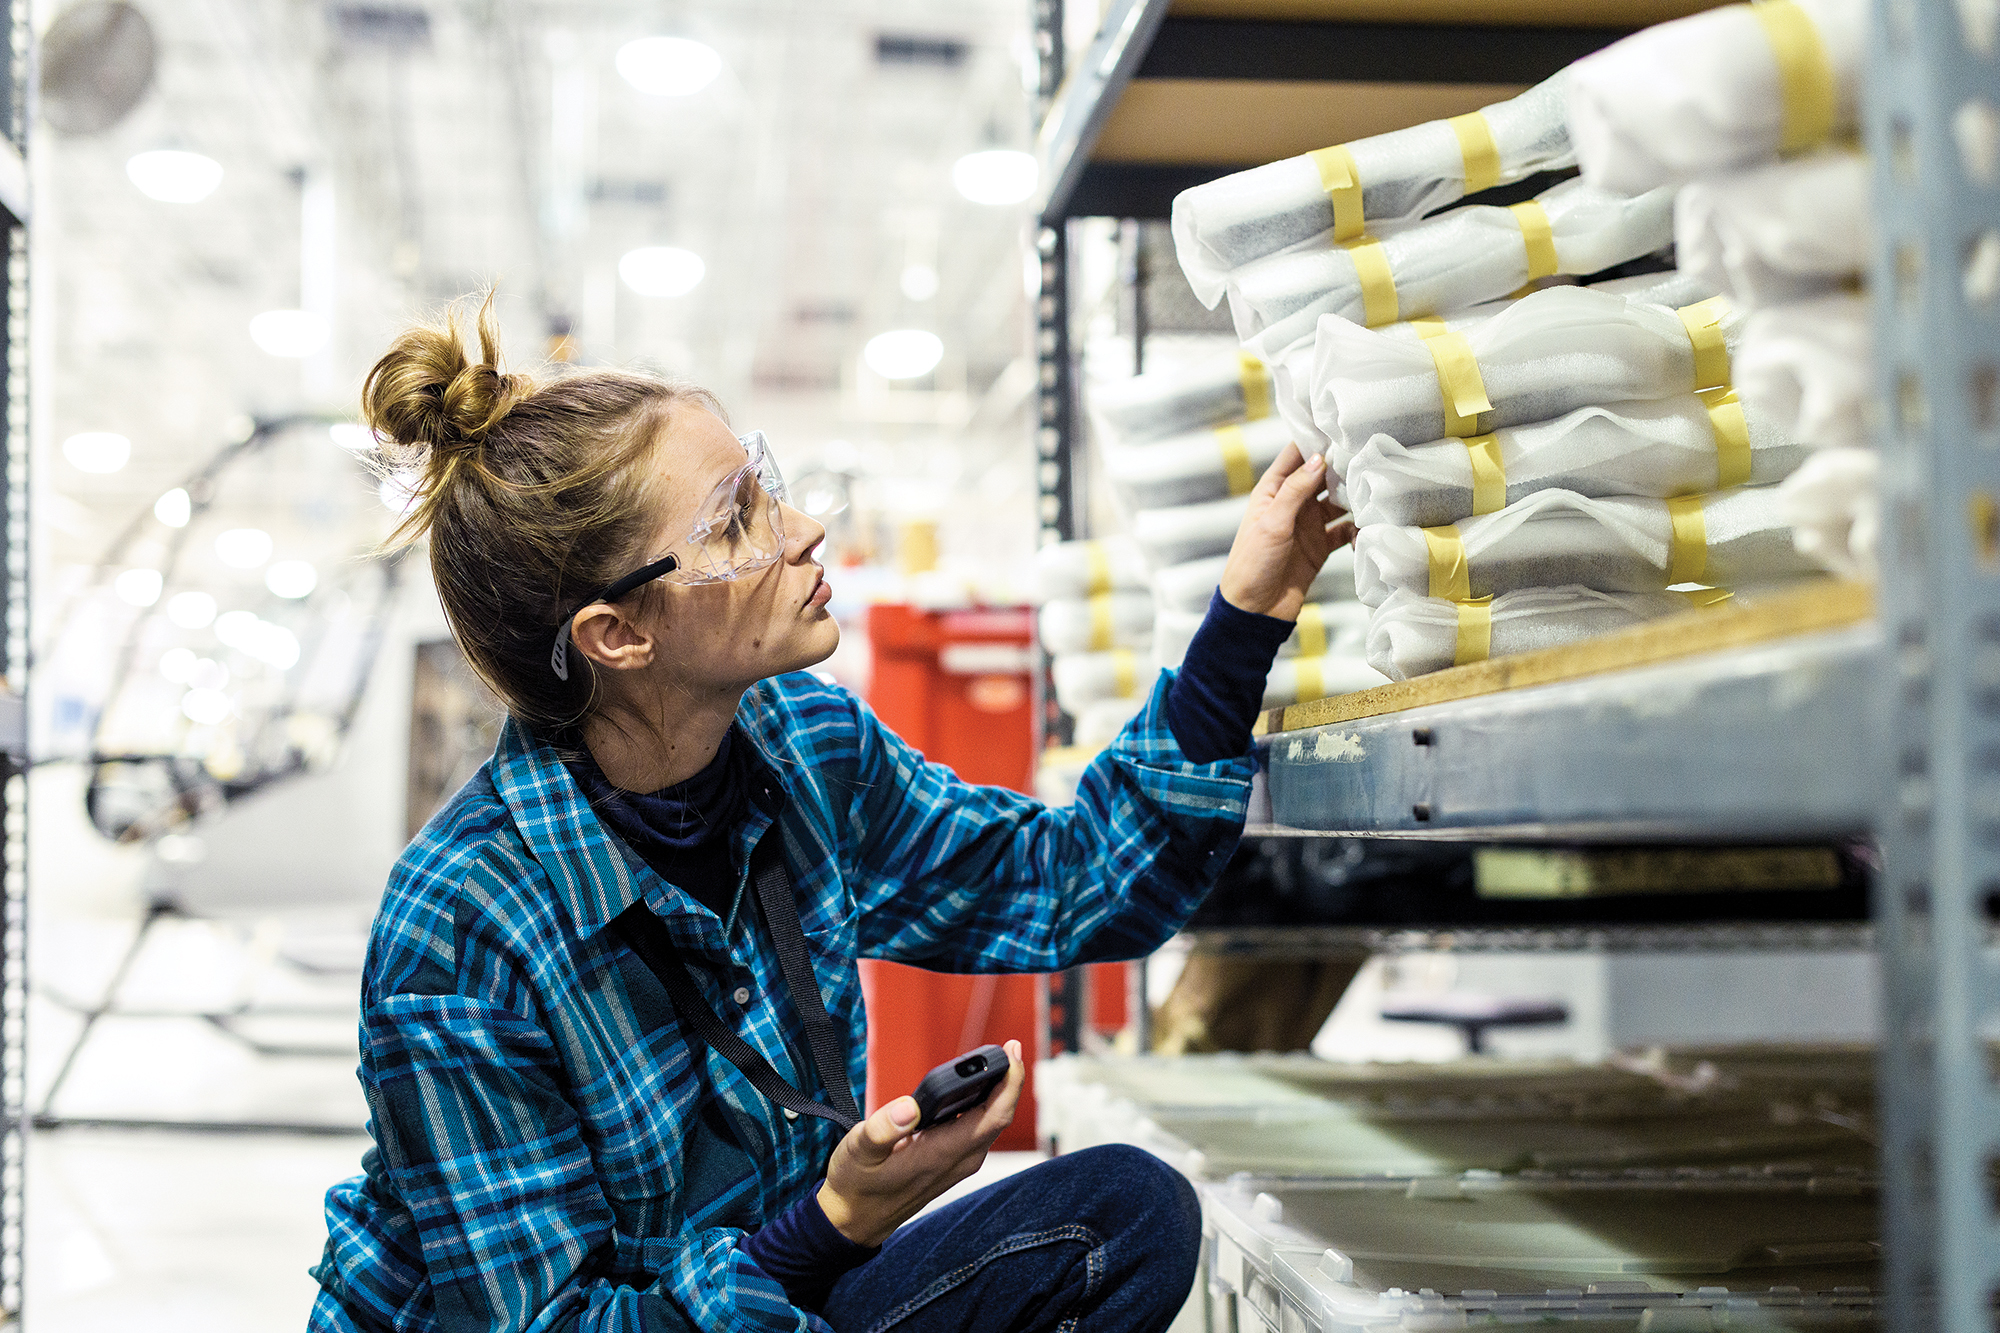 Mulher usando óculos em uma fábrica